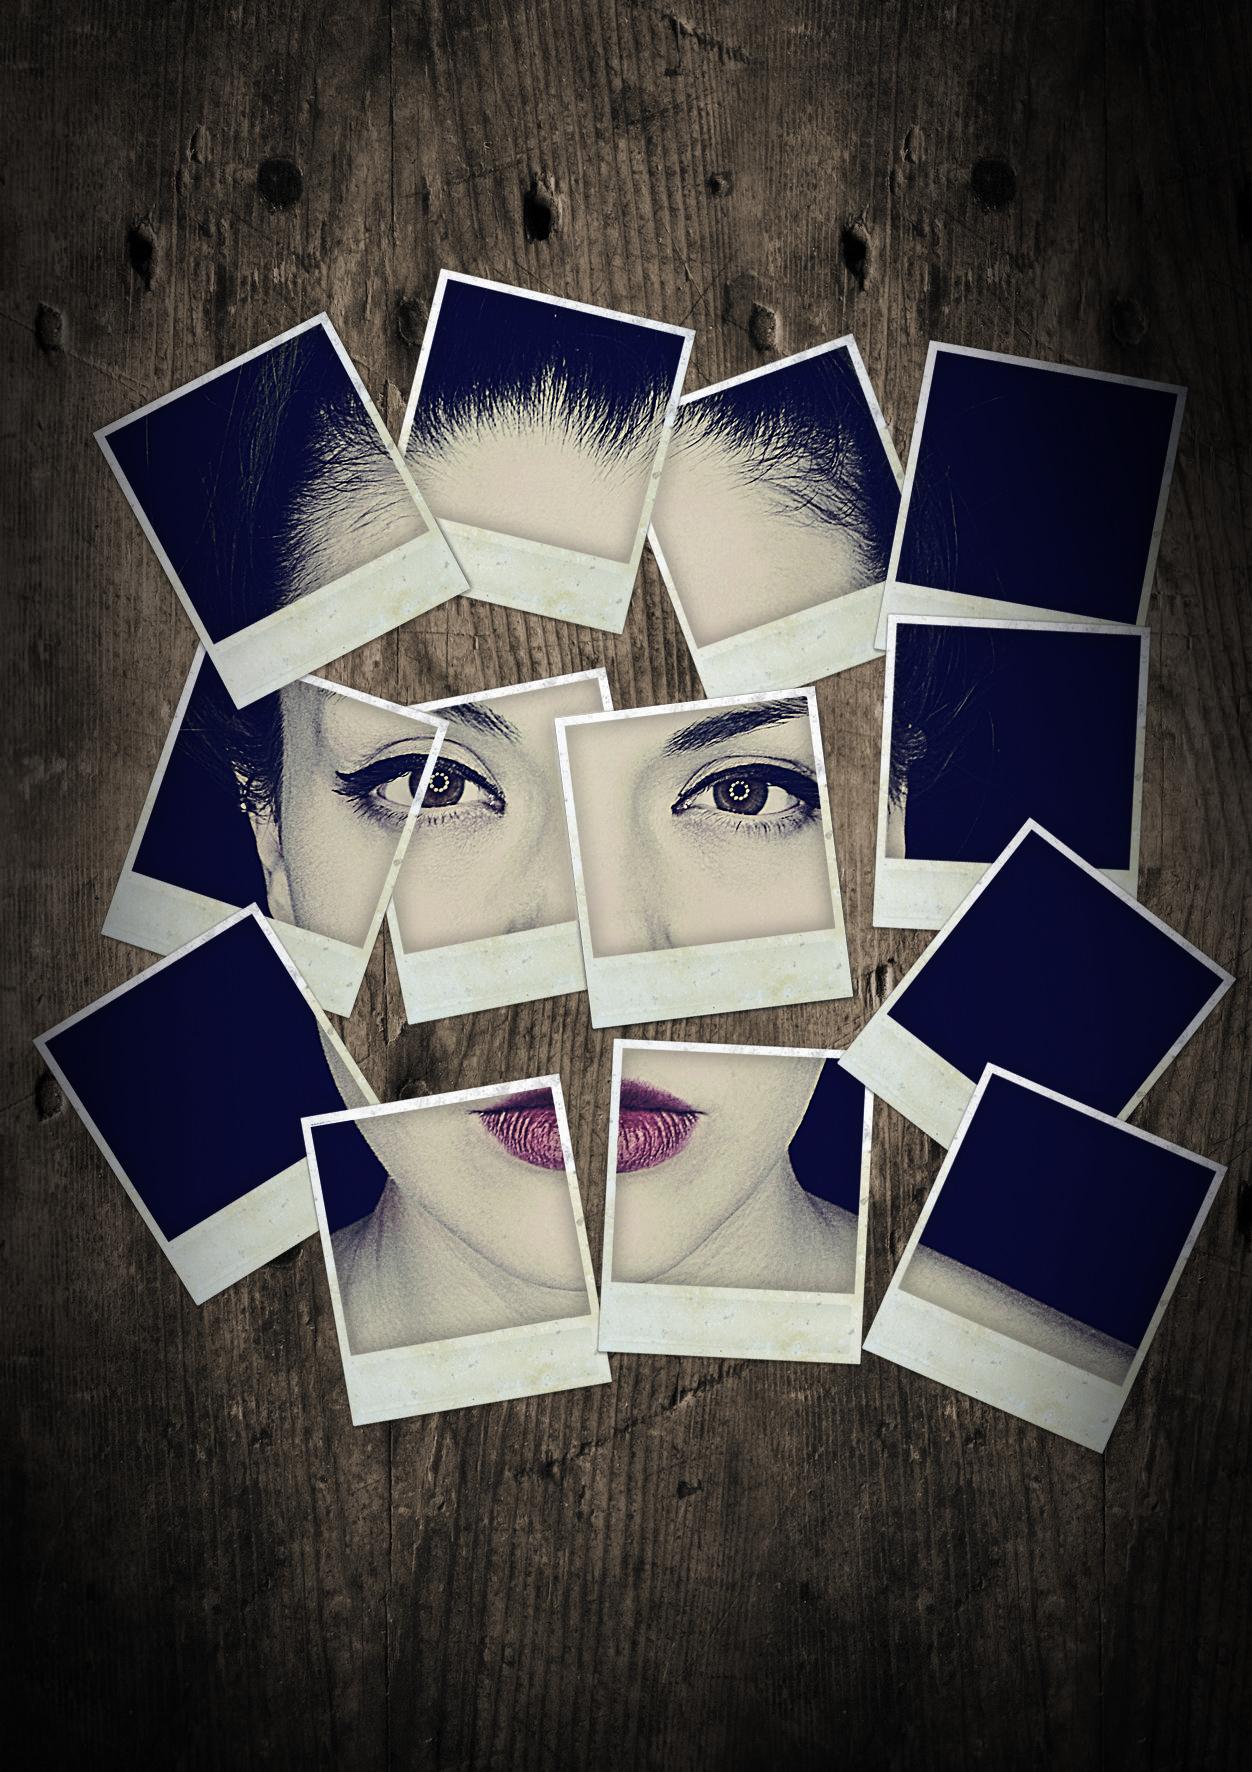 polaroid on wood.jpg